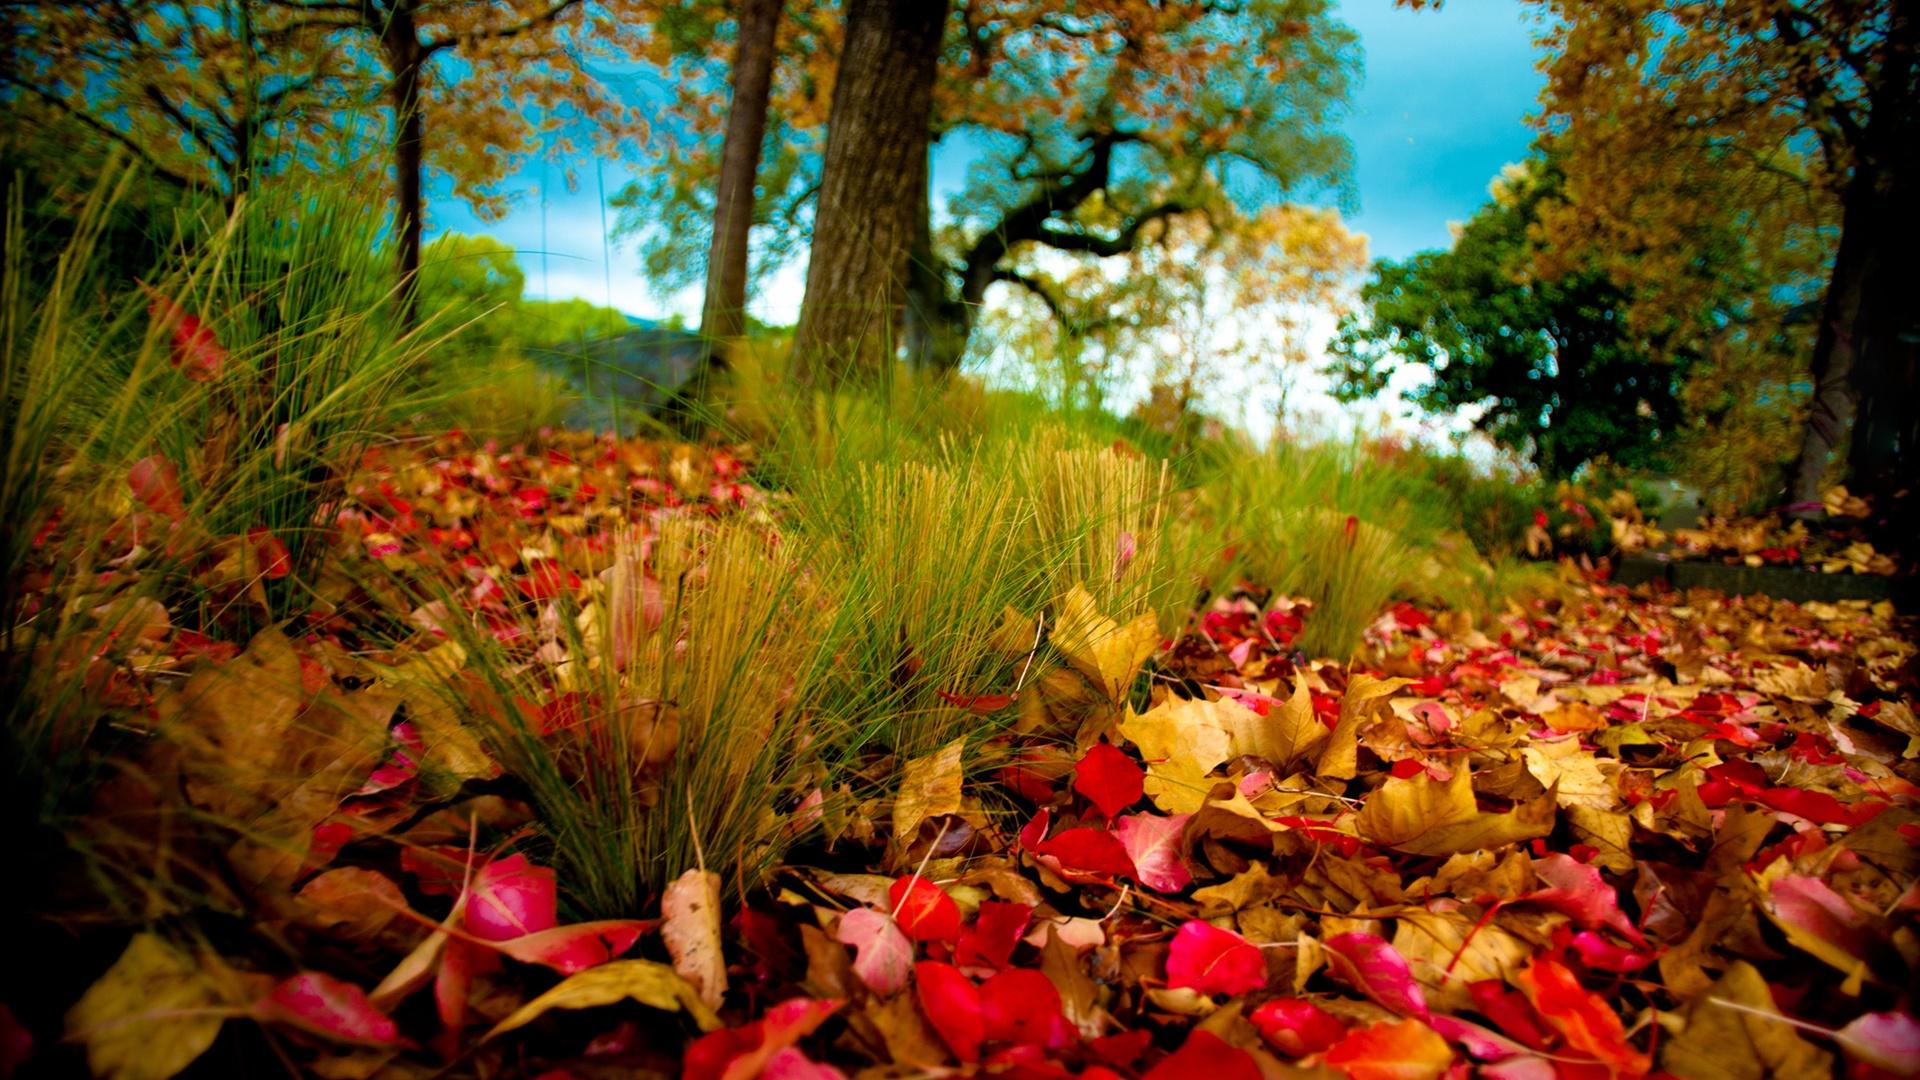 壁紙 秋の森 秋は草の葉 2560x1600 Hd 無料のデスクトップの背景 画像